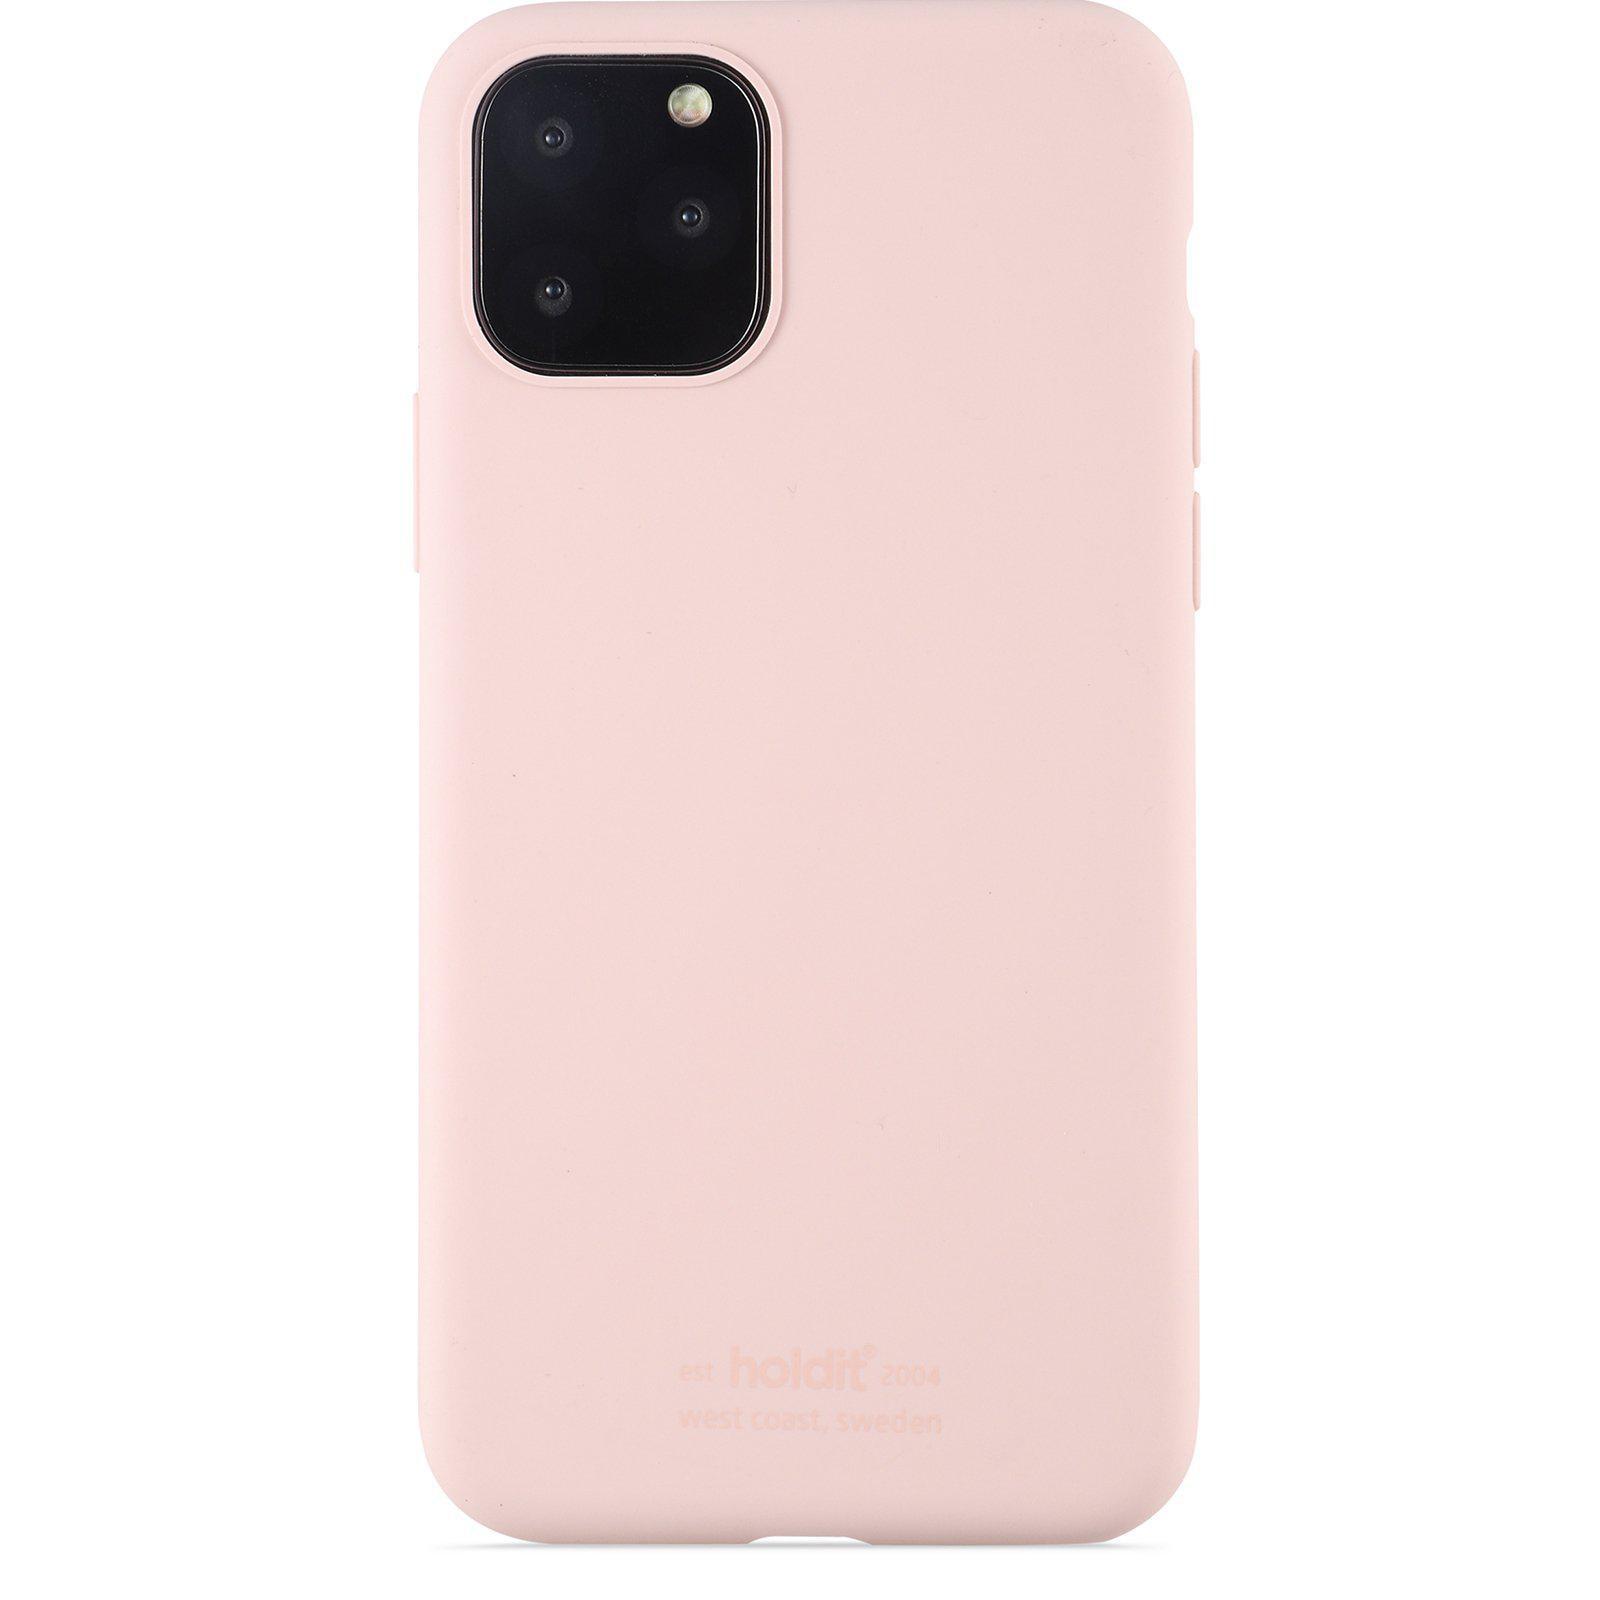 Silikonikuori iPhone 11 Pro/XS/X Blush Pink